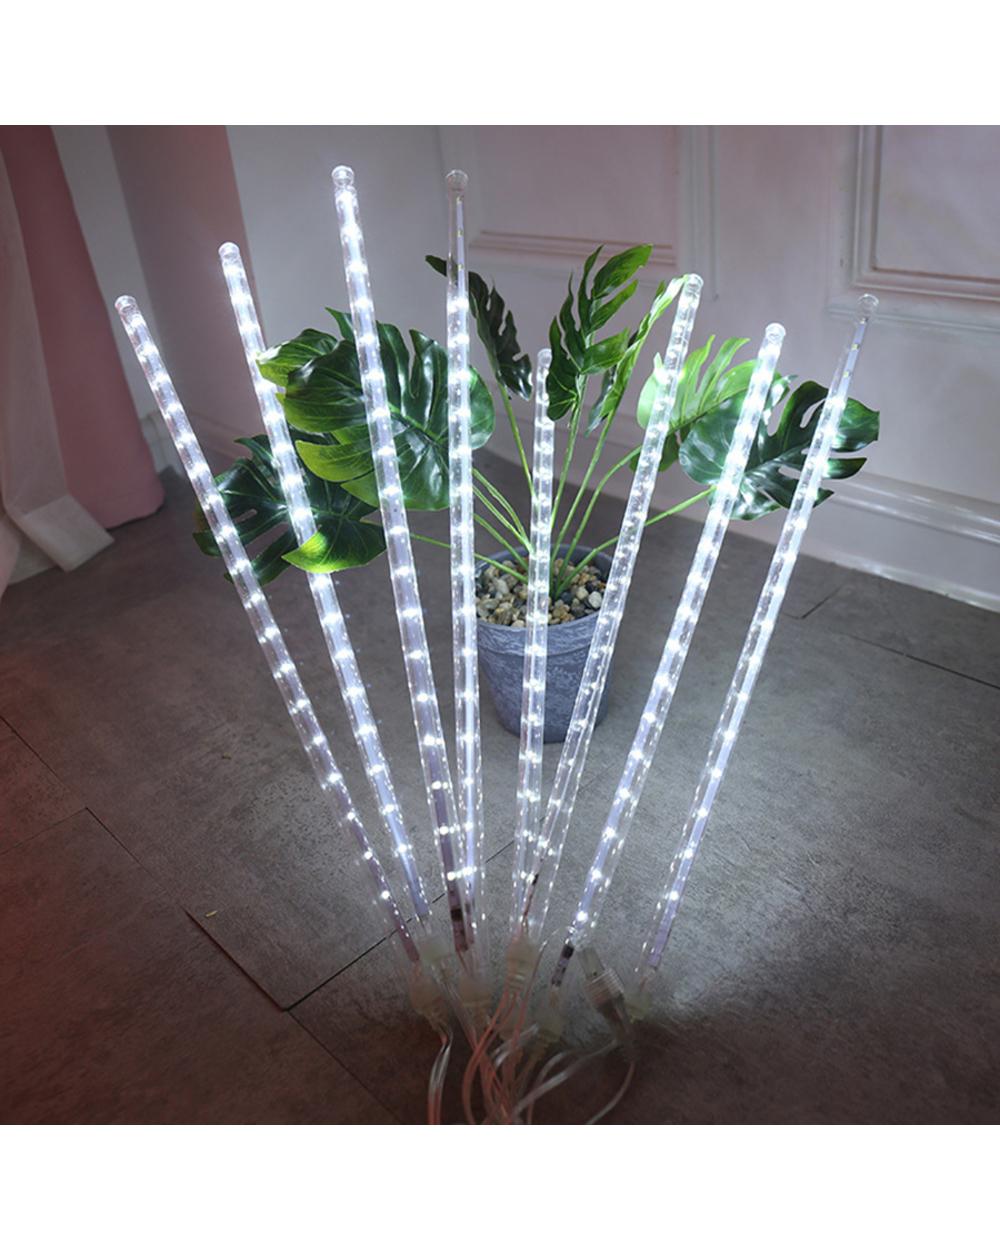 Outdoor LED String Lights Meteor Shower Lights 50cm - UK  1